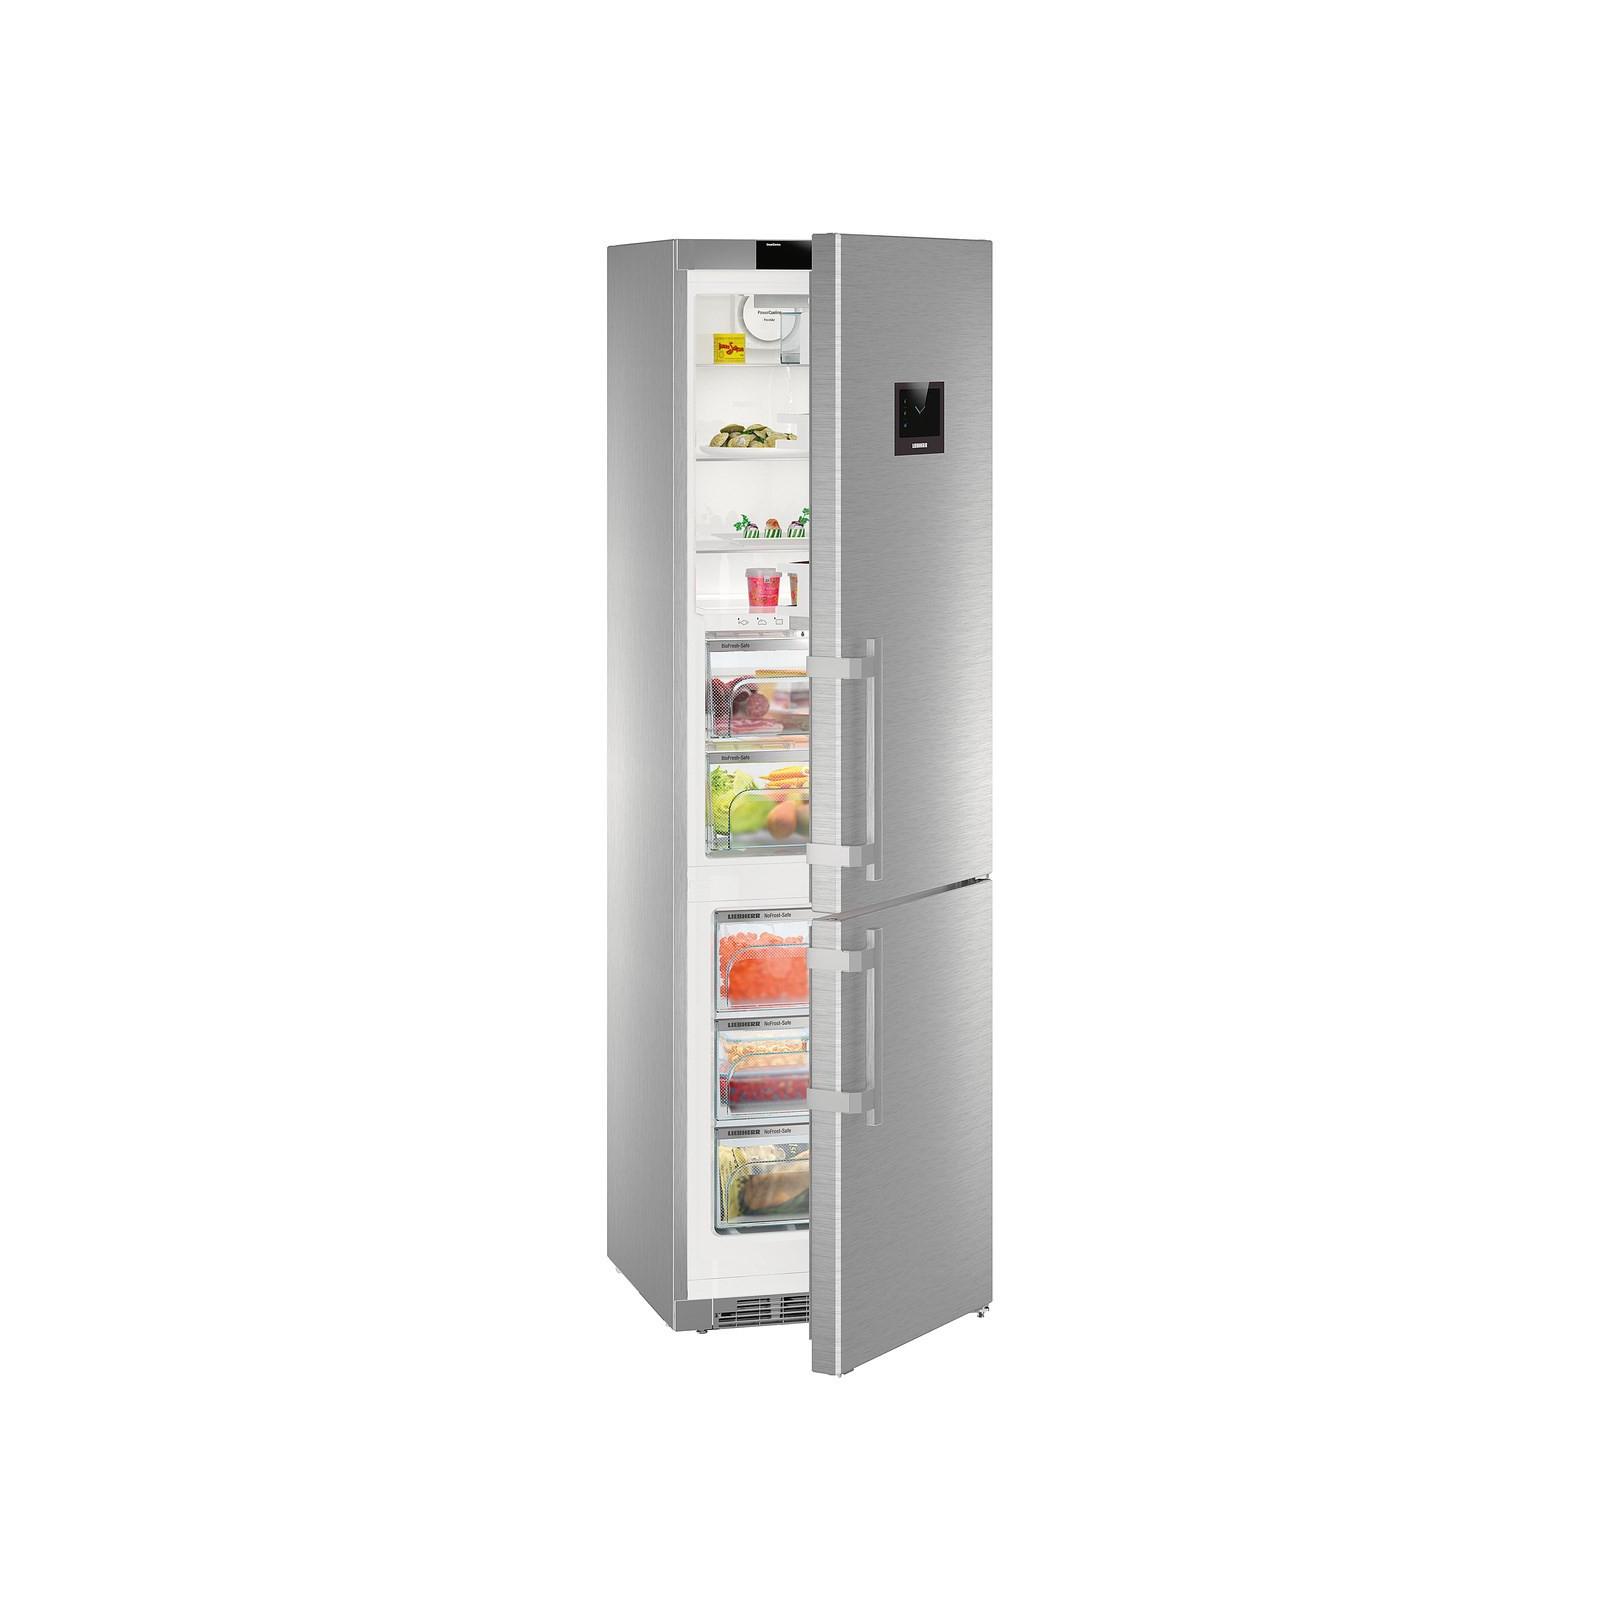 Холодильник Liebherr CBNPes 4858 изображение 3